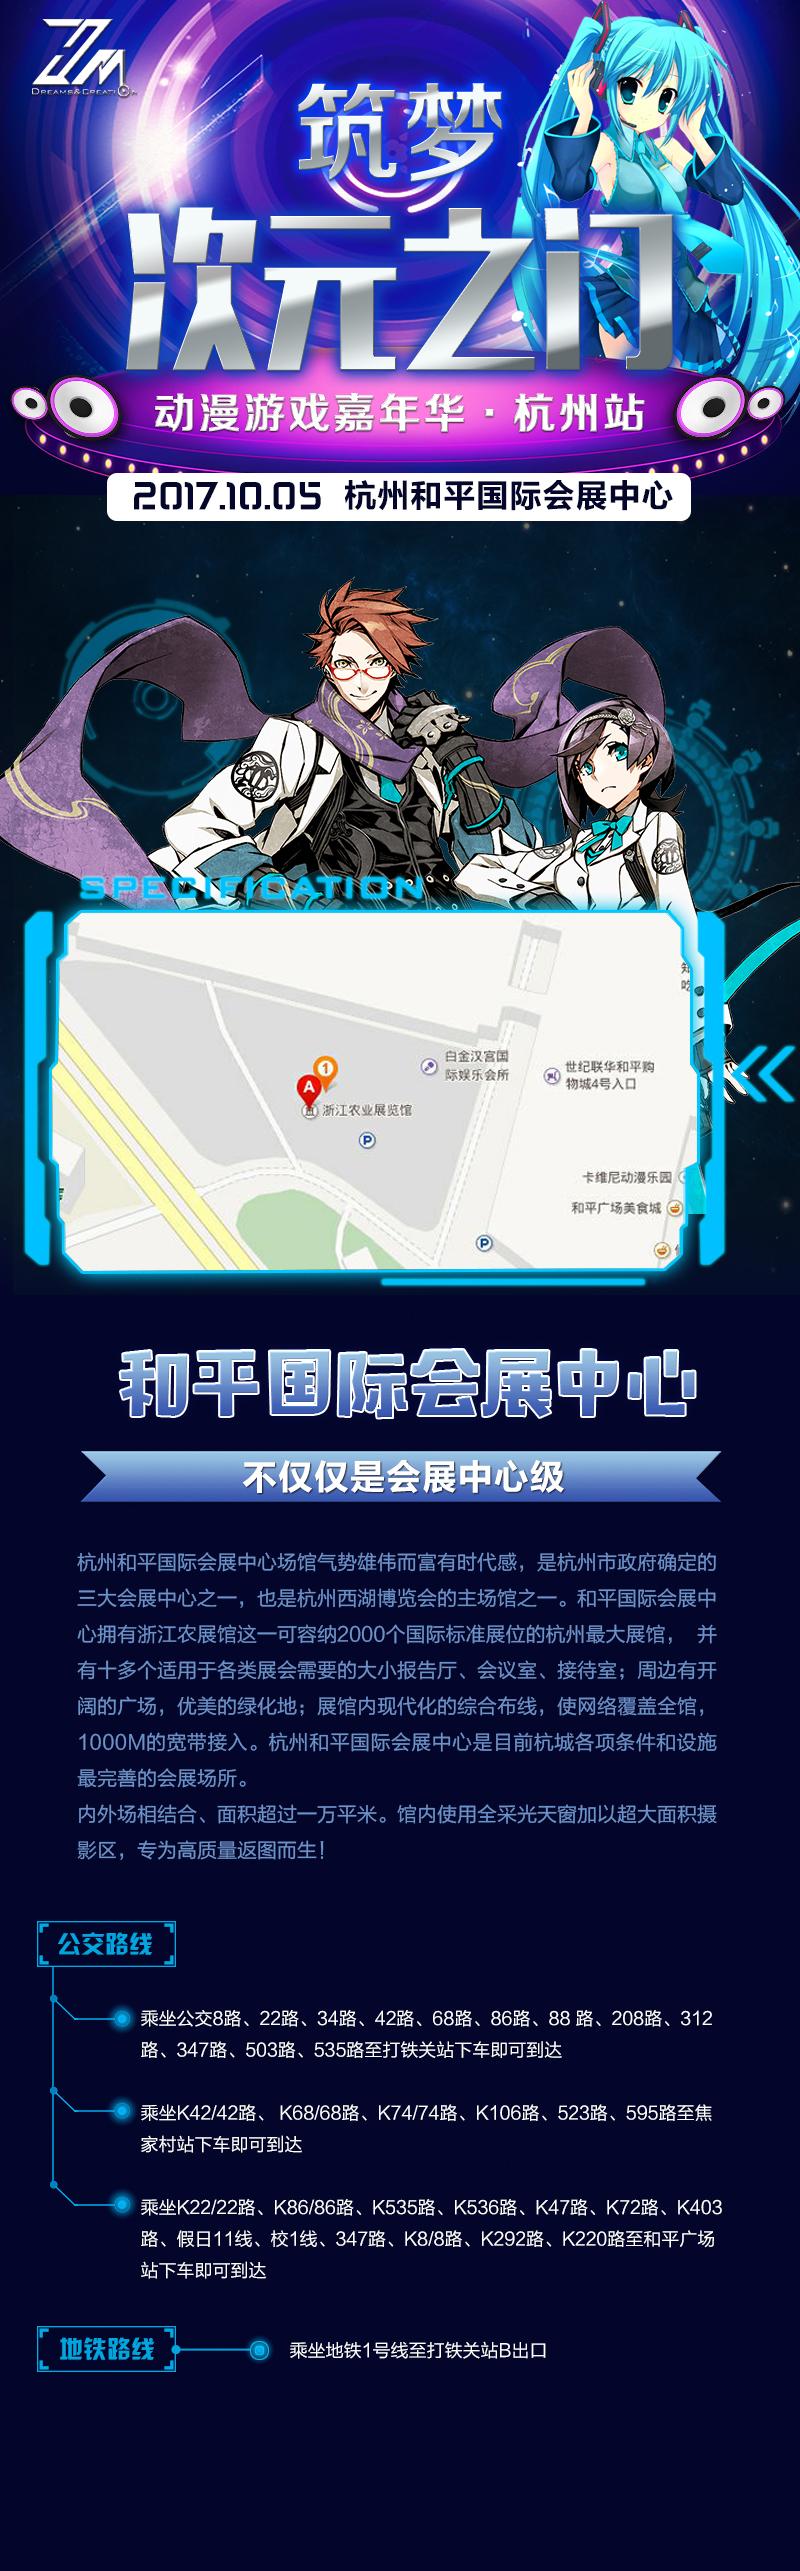 【杭州】筑梦·次元之门动漫游戏嘉年华杭州站-ANICOGA